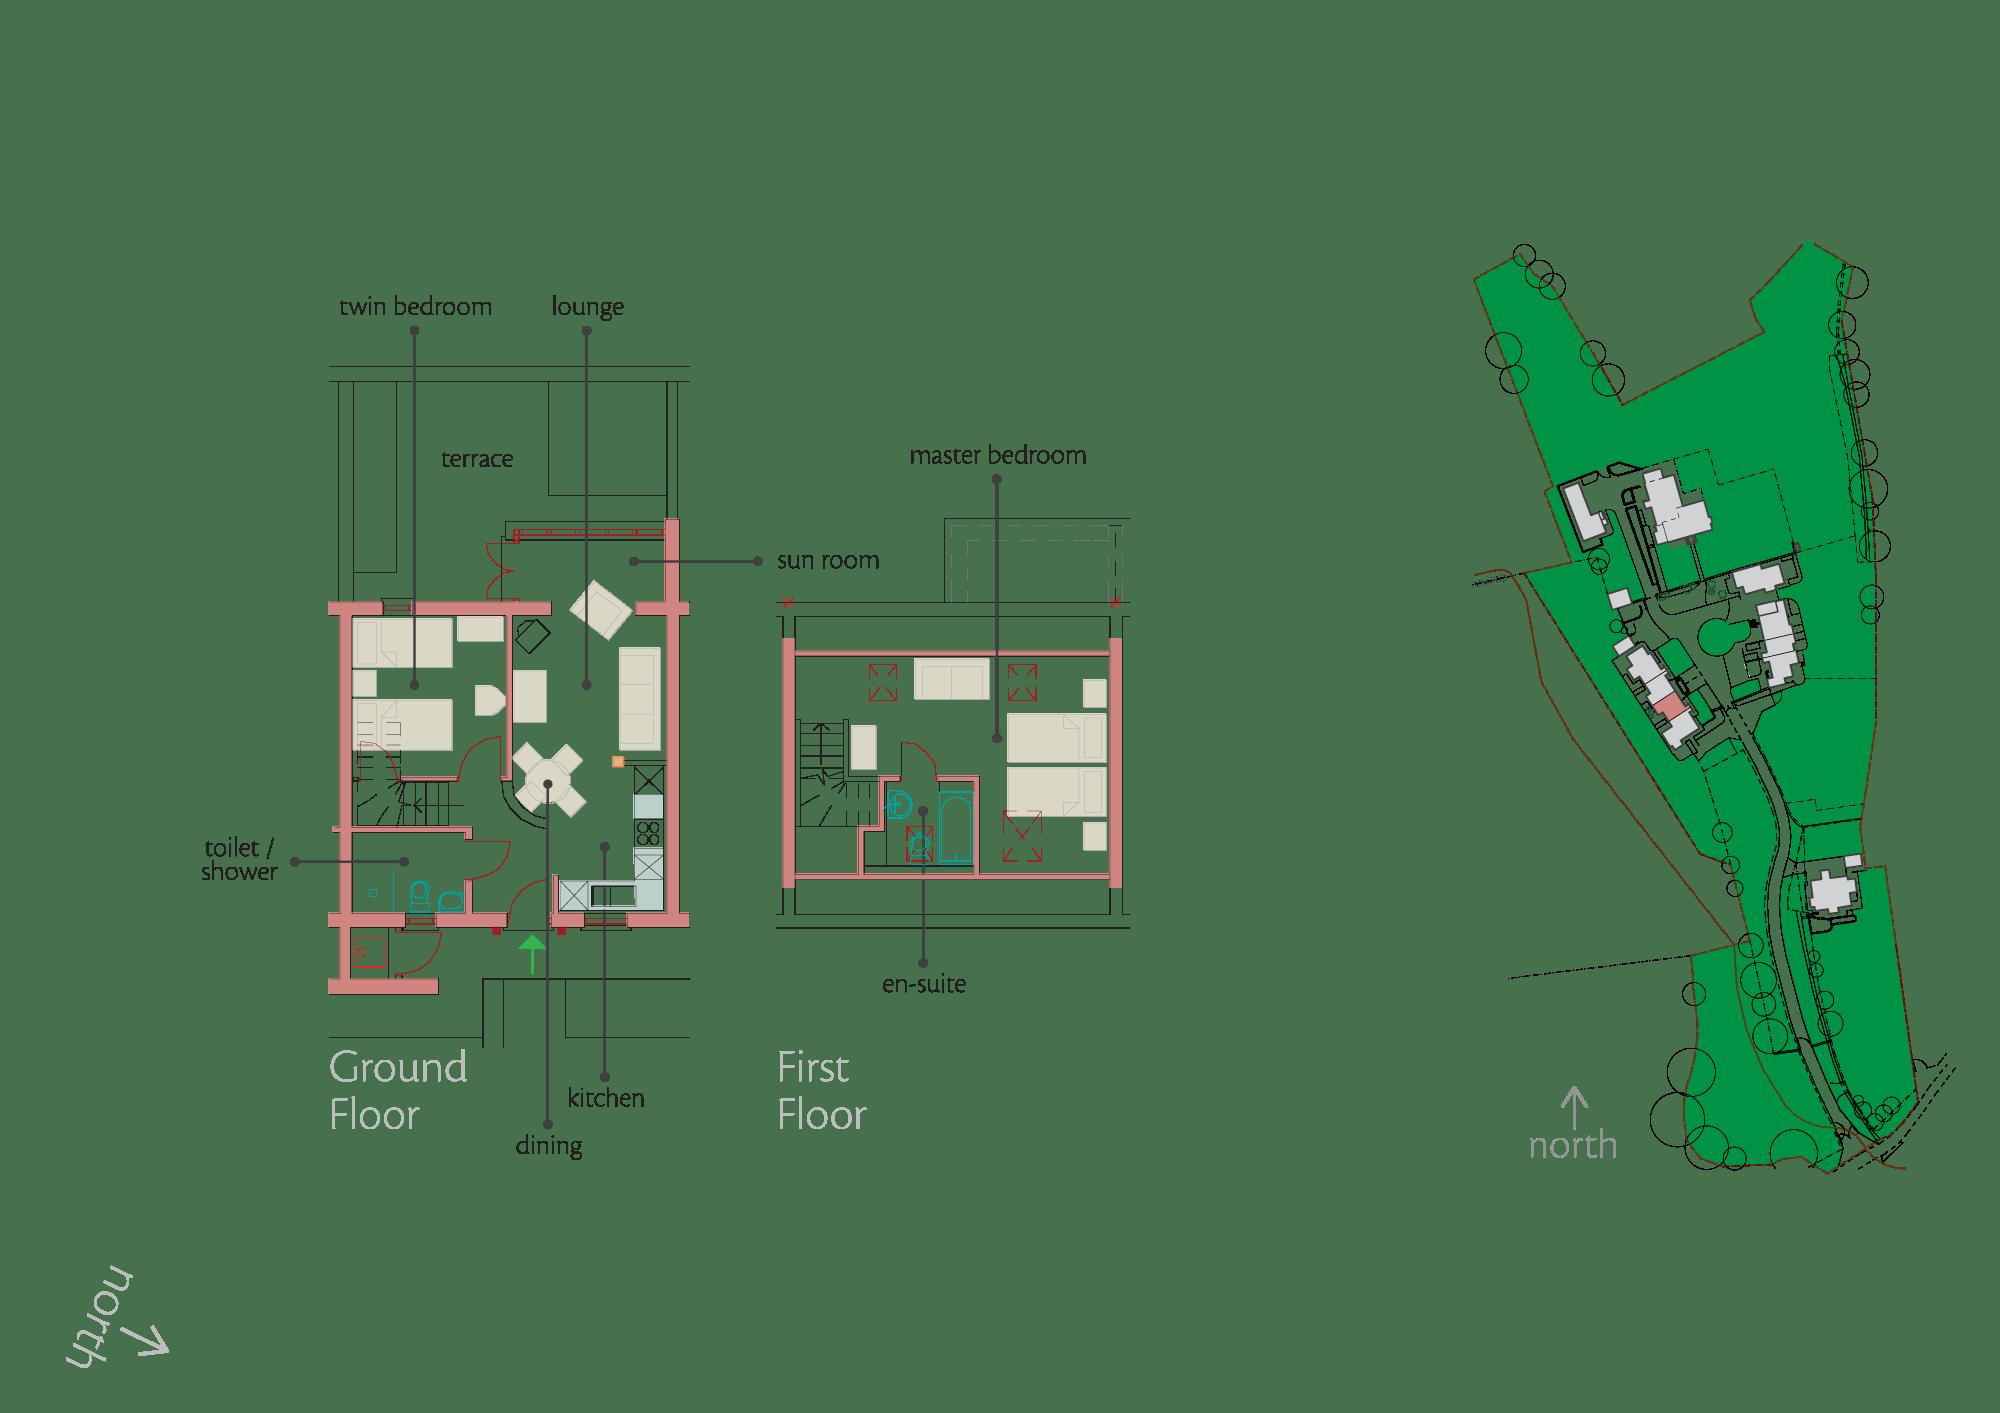 Plan - Tyddyn